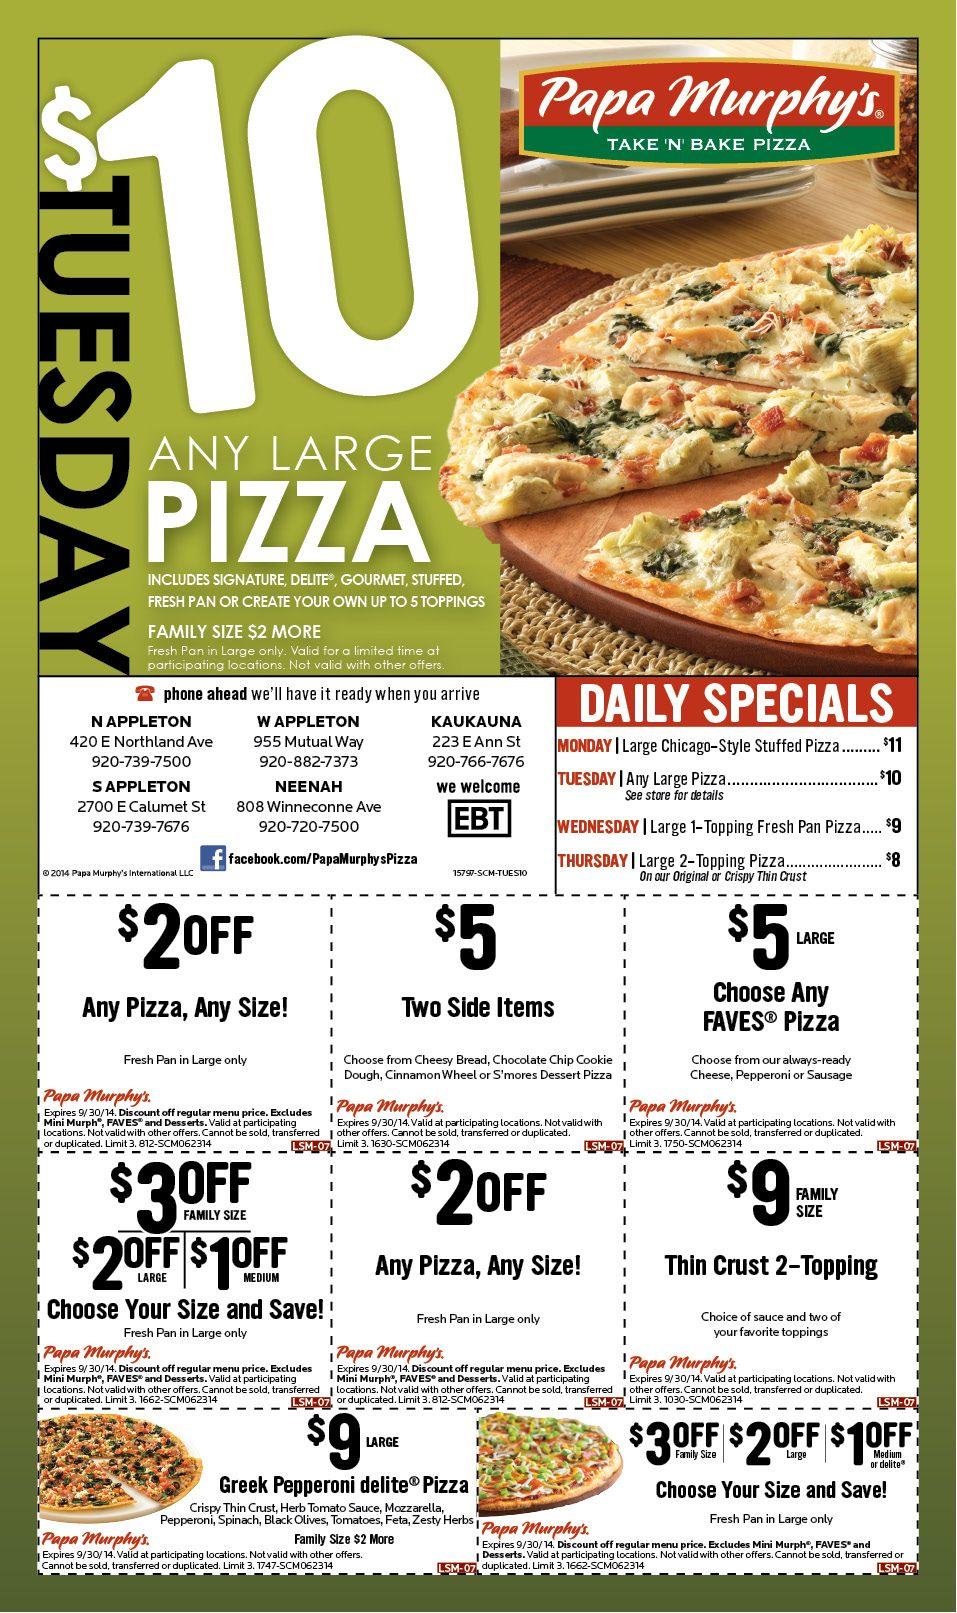 Enjoy Papa Murphys Coupons Take N Bake Pizza On Http Www Buytou Com Stores Papa Murphy Food Coupon Pizza Bake Large Pizza